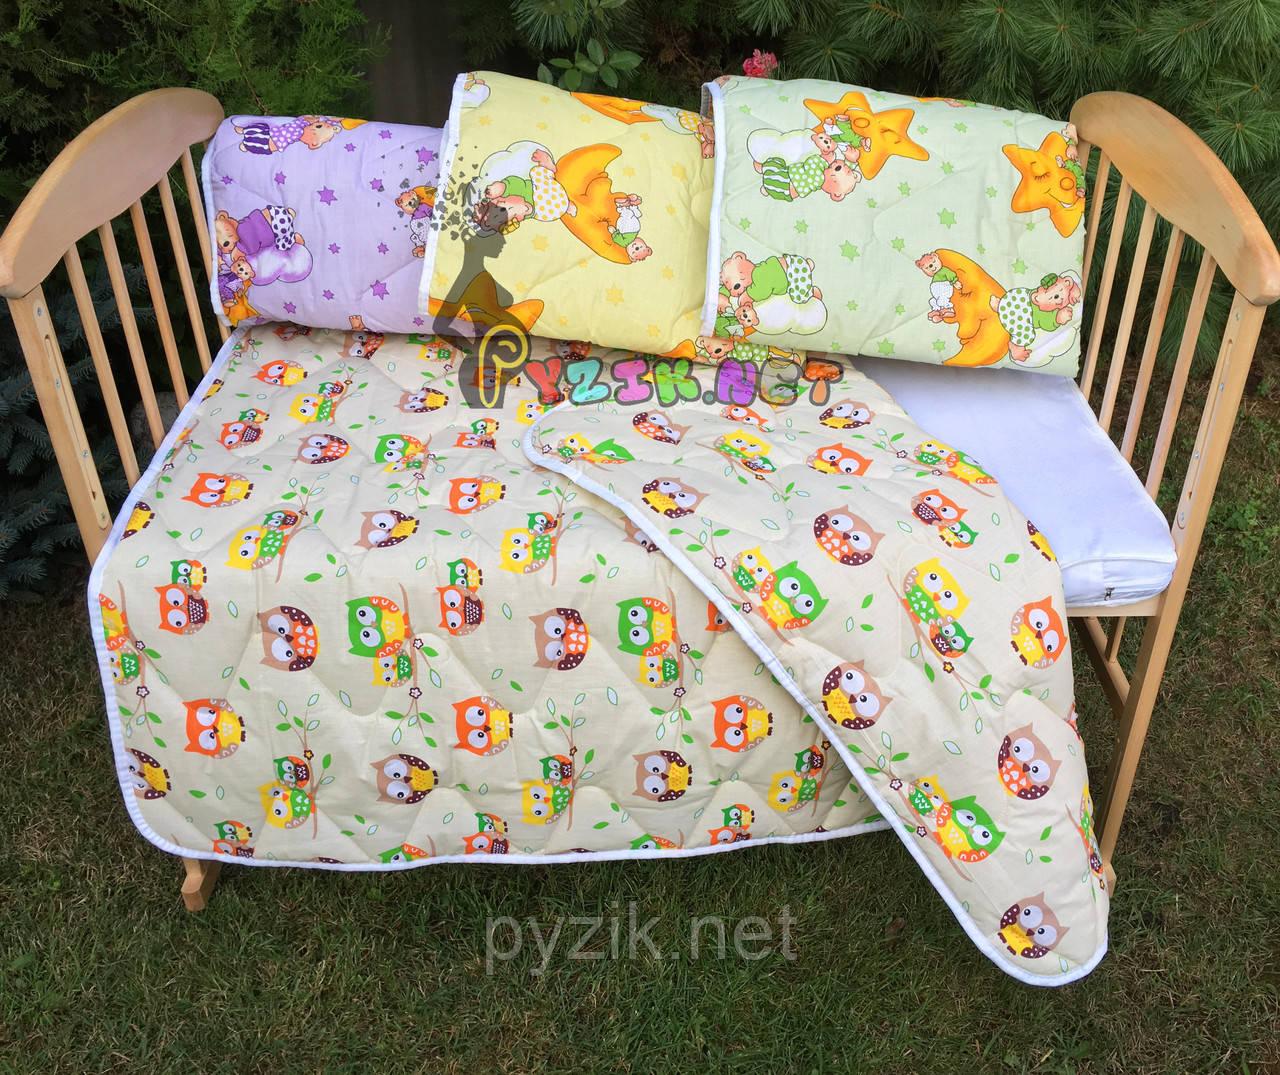 Cтеганое детское одеяло 100х130 см, цвет на выбор